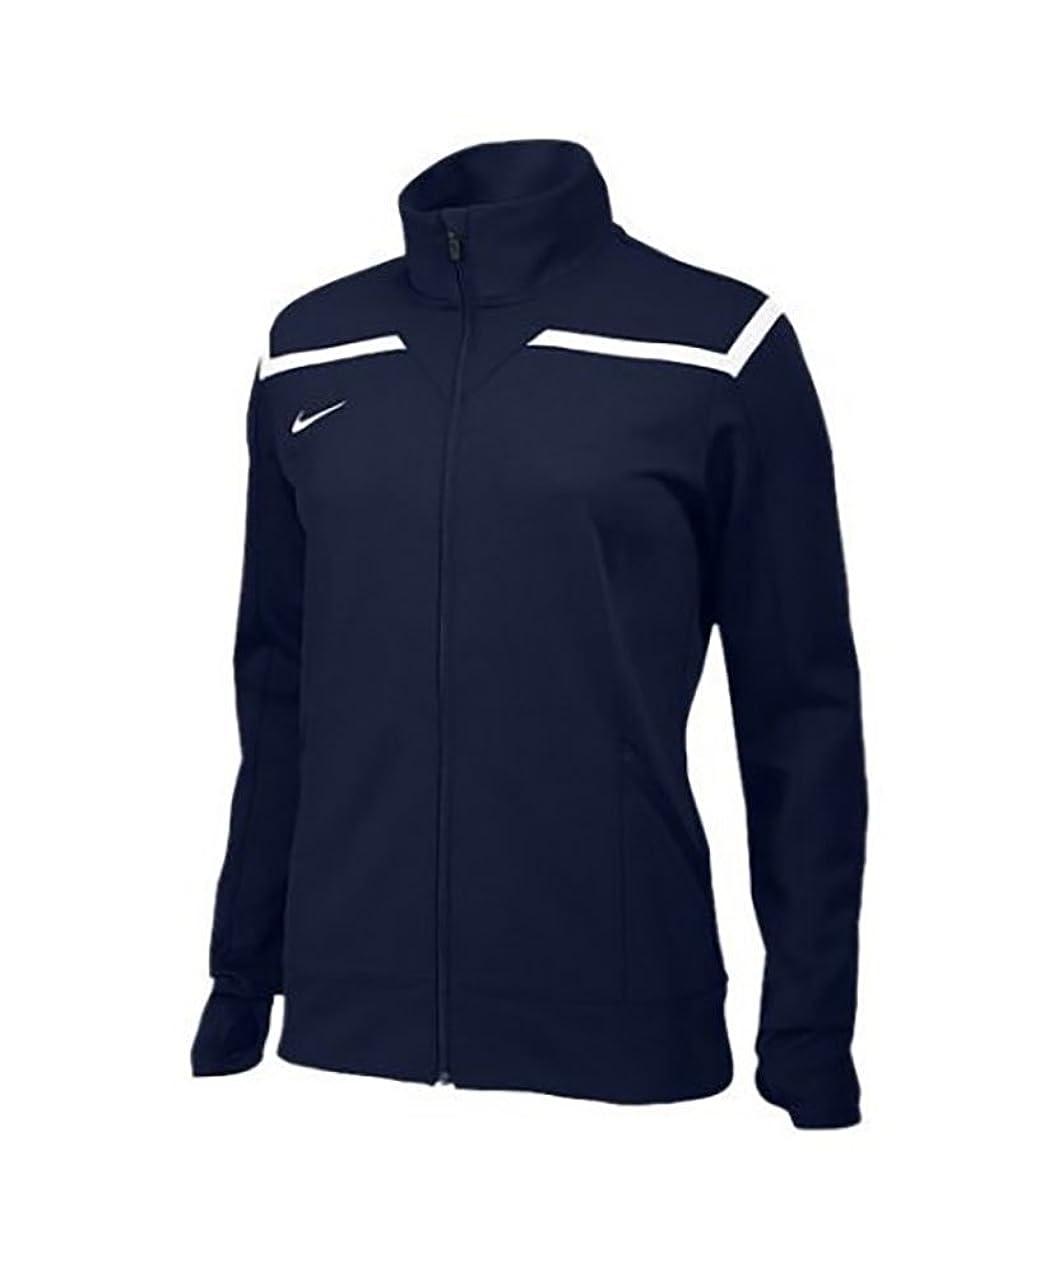 ラフト設計迷惑Nike Team Overtime Jacket?–?Men 's